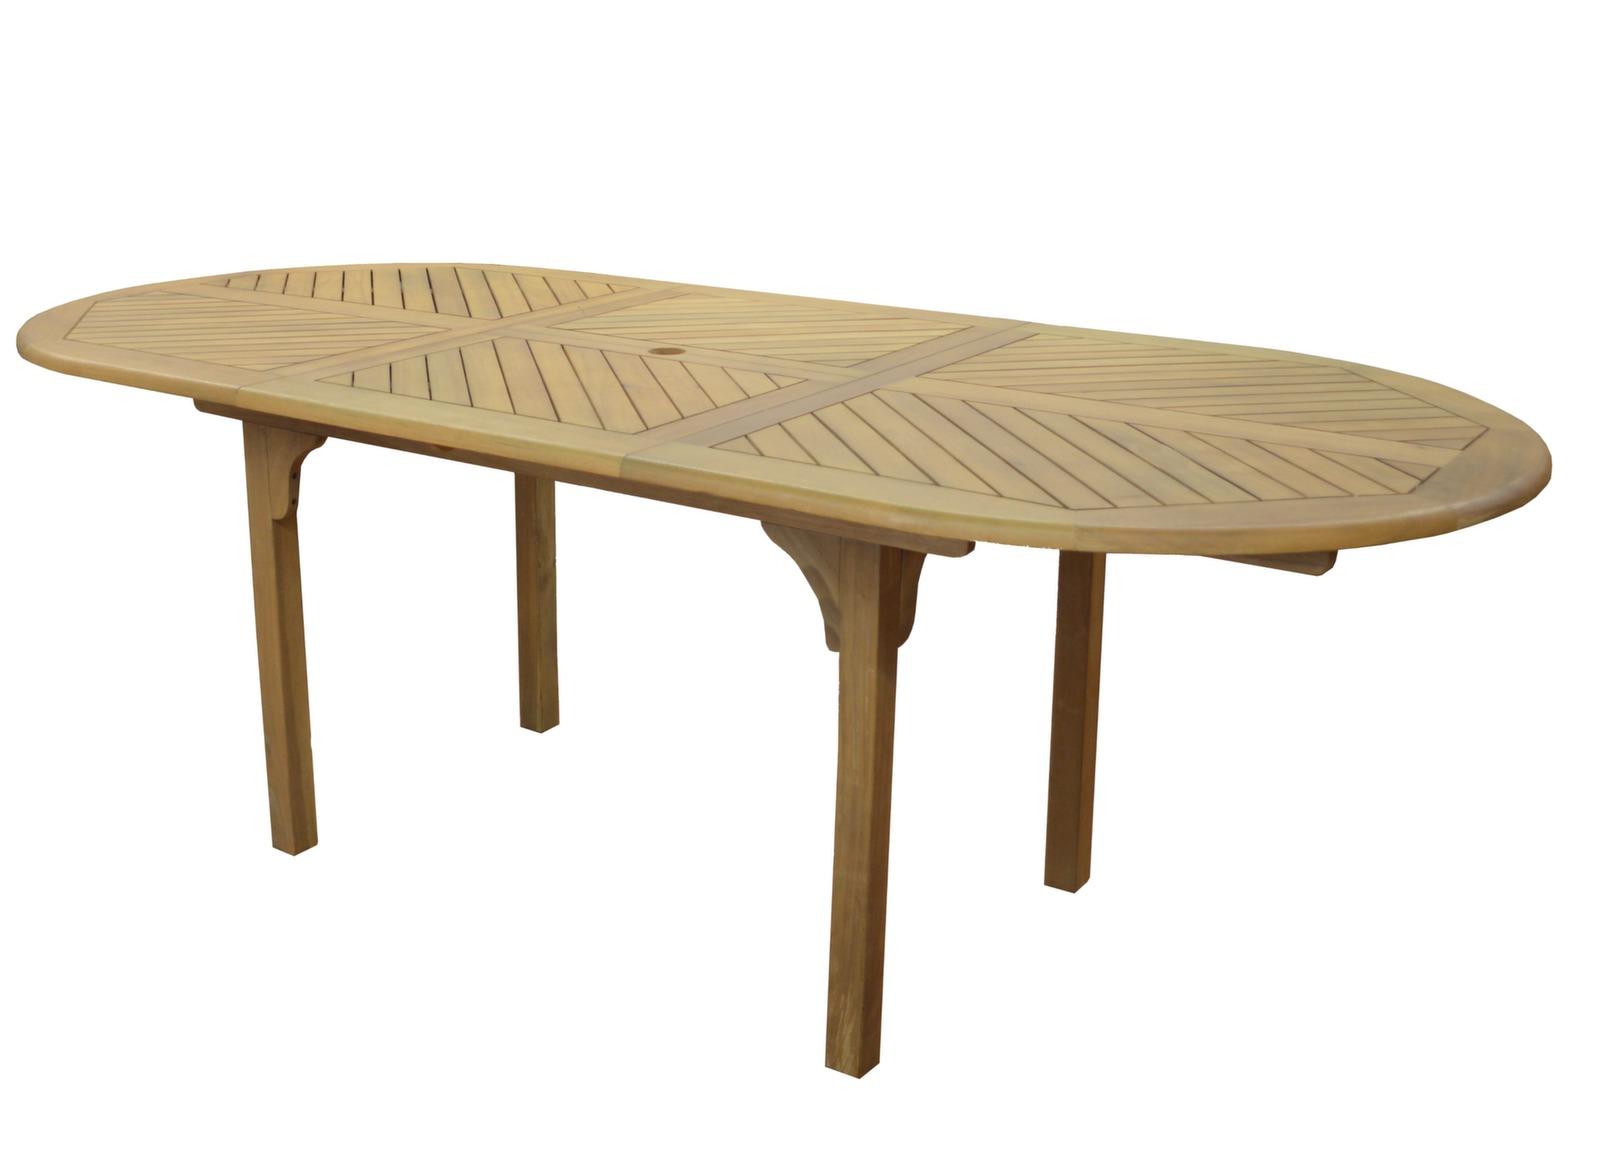 Table de jardin en bois 6/8 pers Durban - Gamme Alizé - Proloisirs